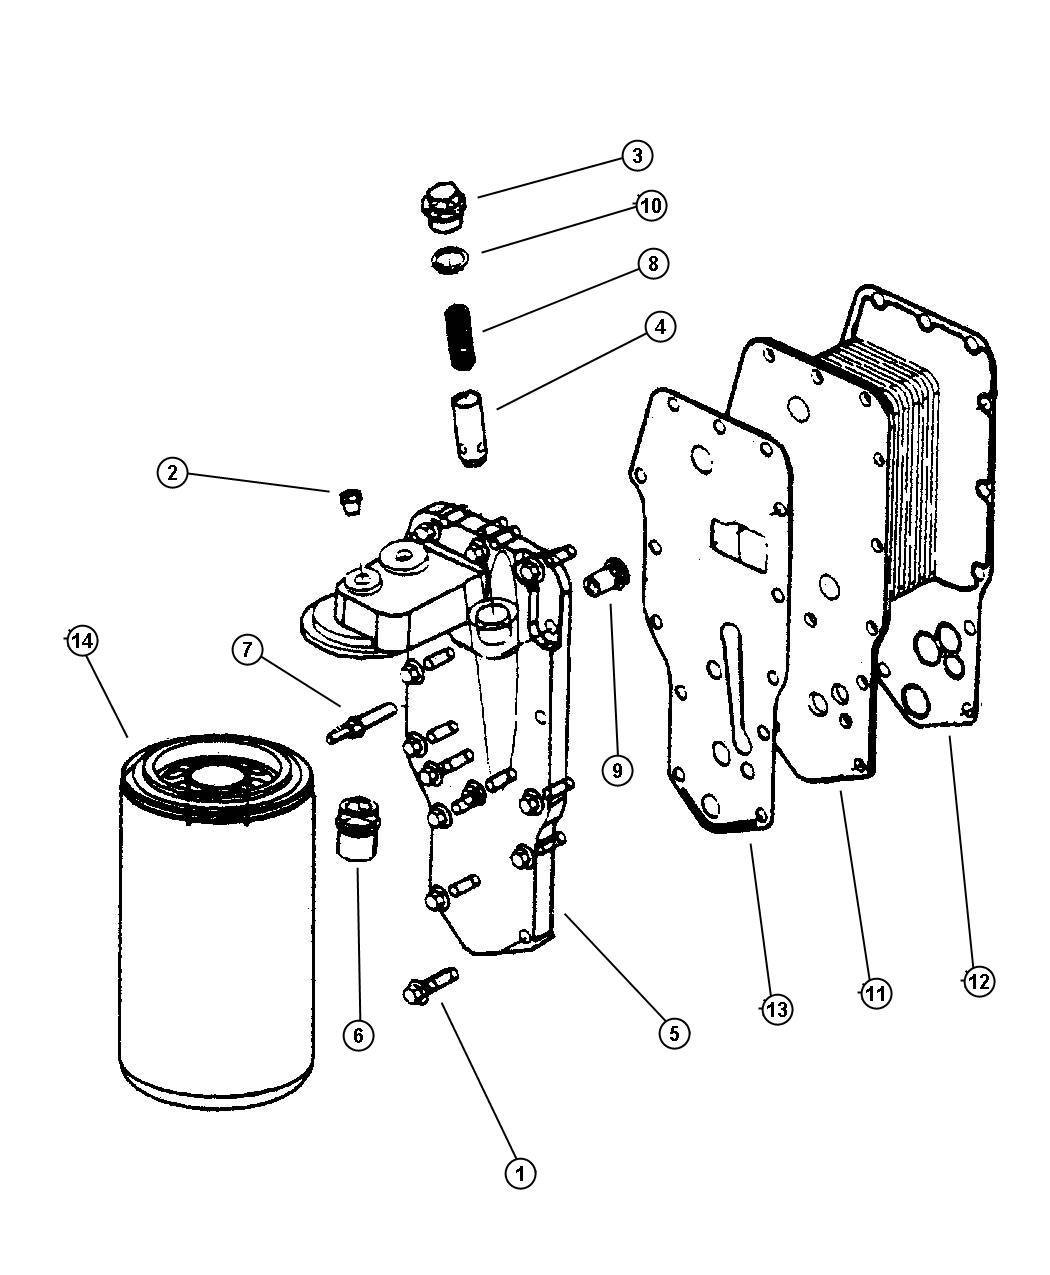 1998 dodge ram 3500 engine oil cooler